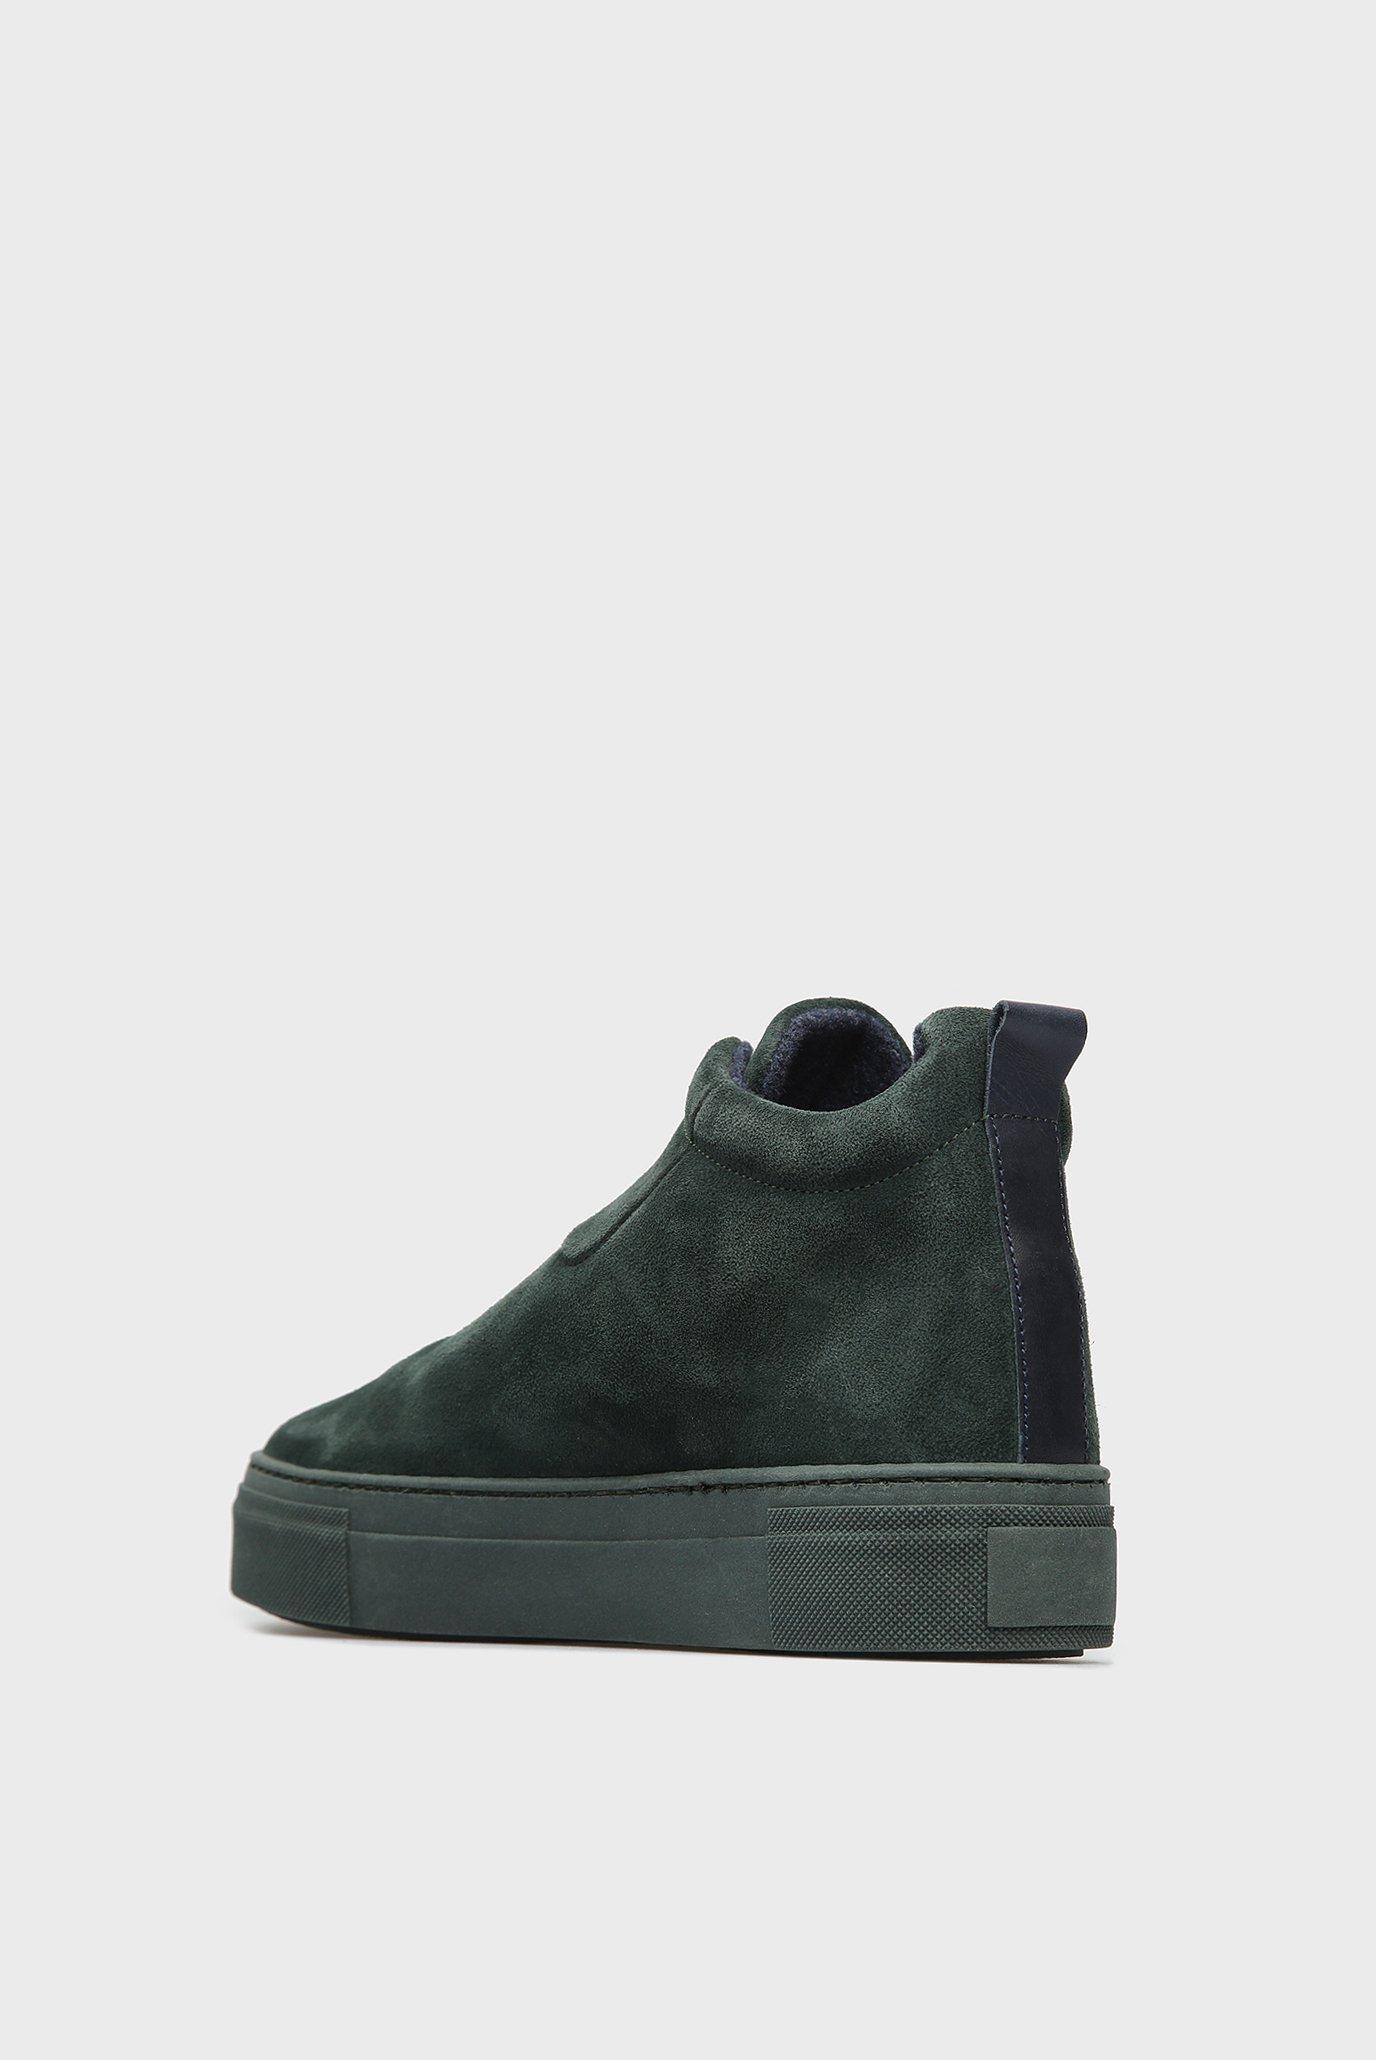 Купить Женские зеленые замшевые ботинки MARIE Gant Gant 17553941 – Киев, Украина. Цены в интернет магазине MD Fashion